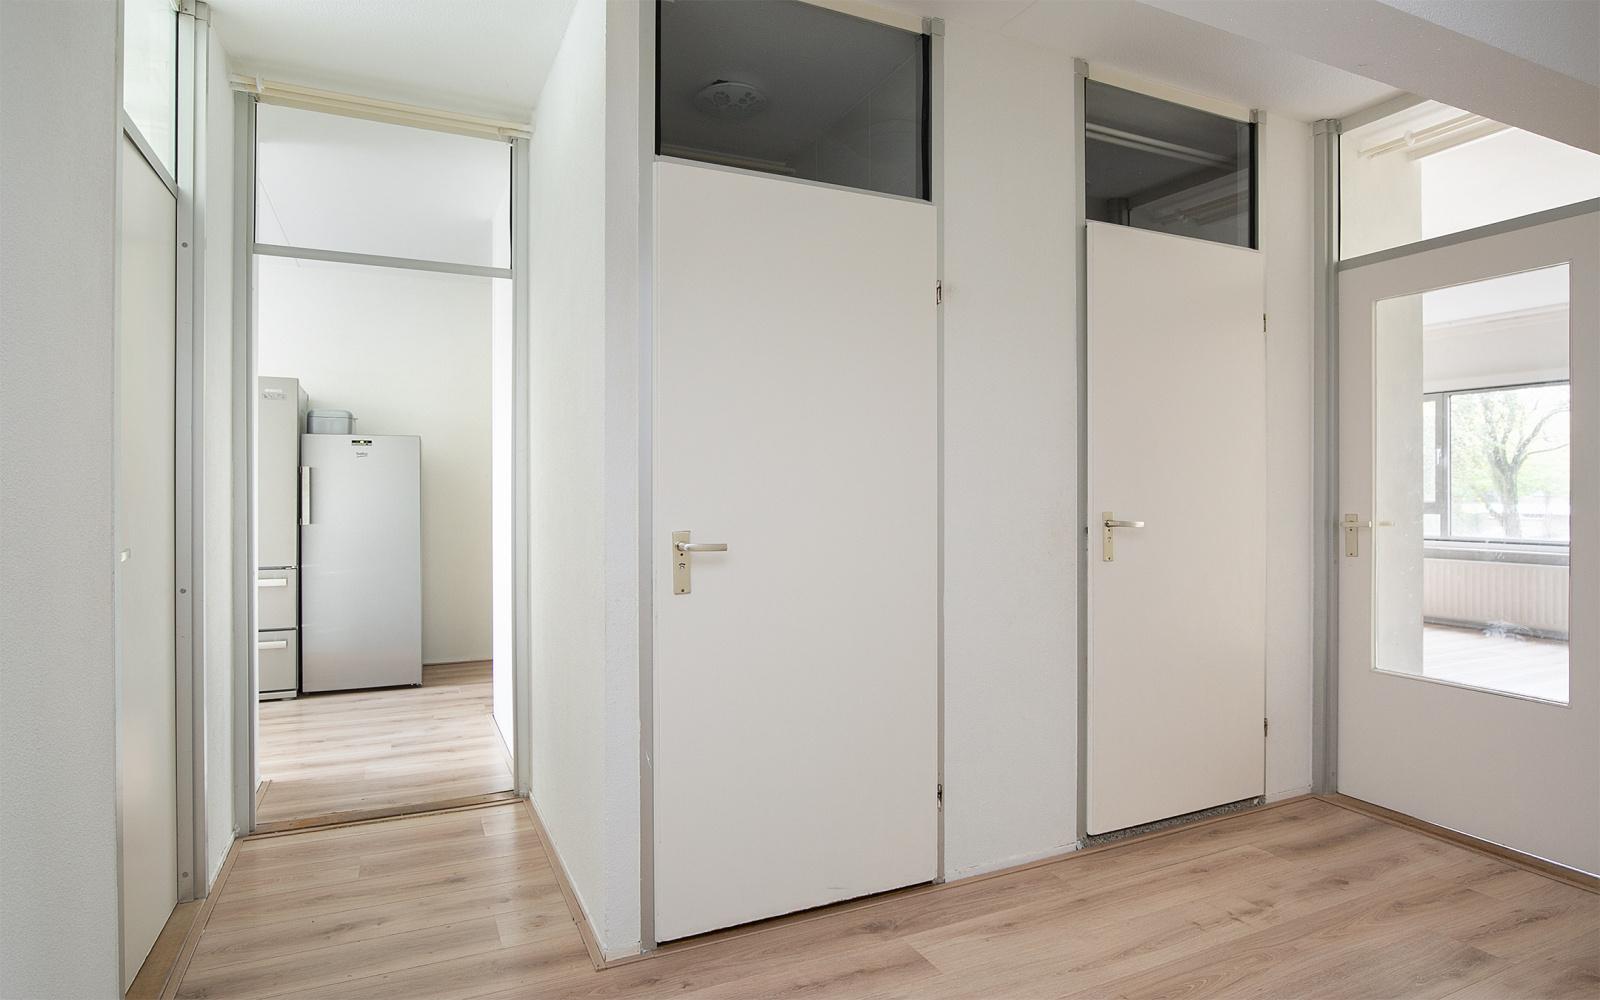 5 Rooms Rooms,1 BathroomBathrooms,Appartement,Verkocht,1041